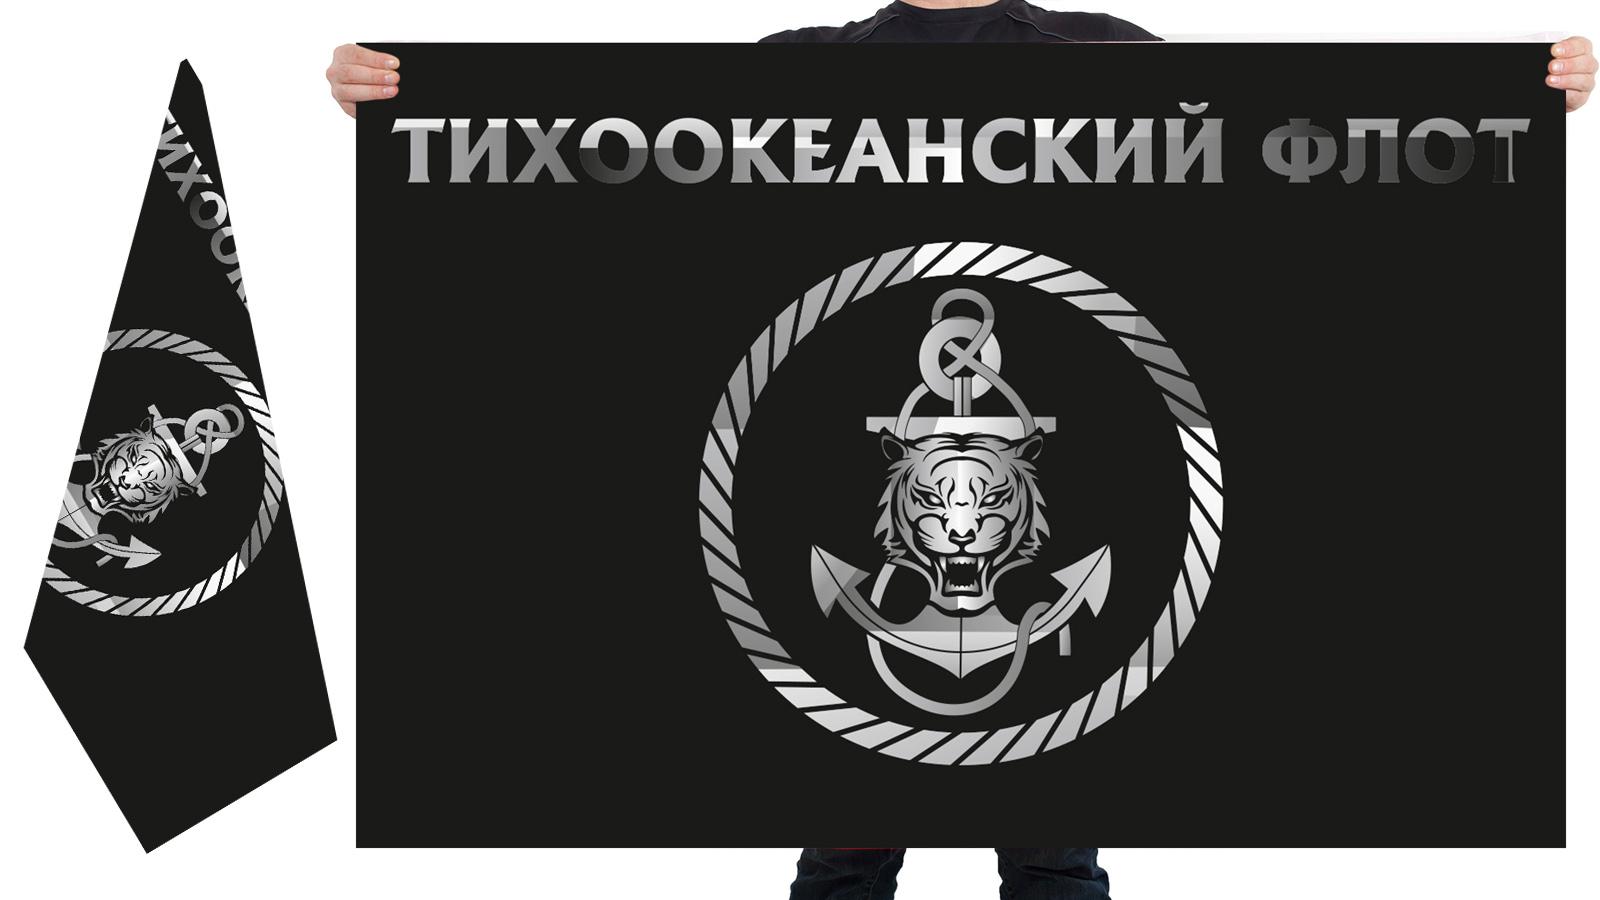 Двусторонний флаг Тихоокеанского флота